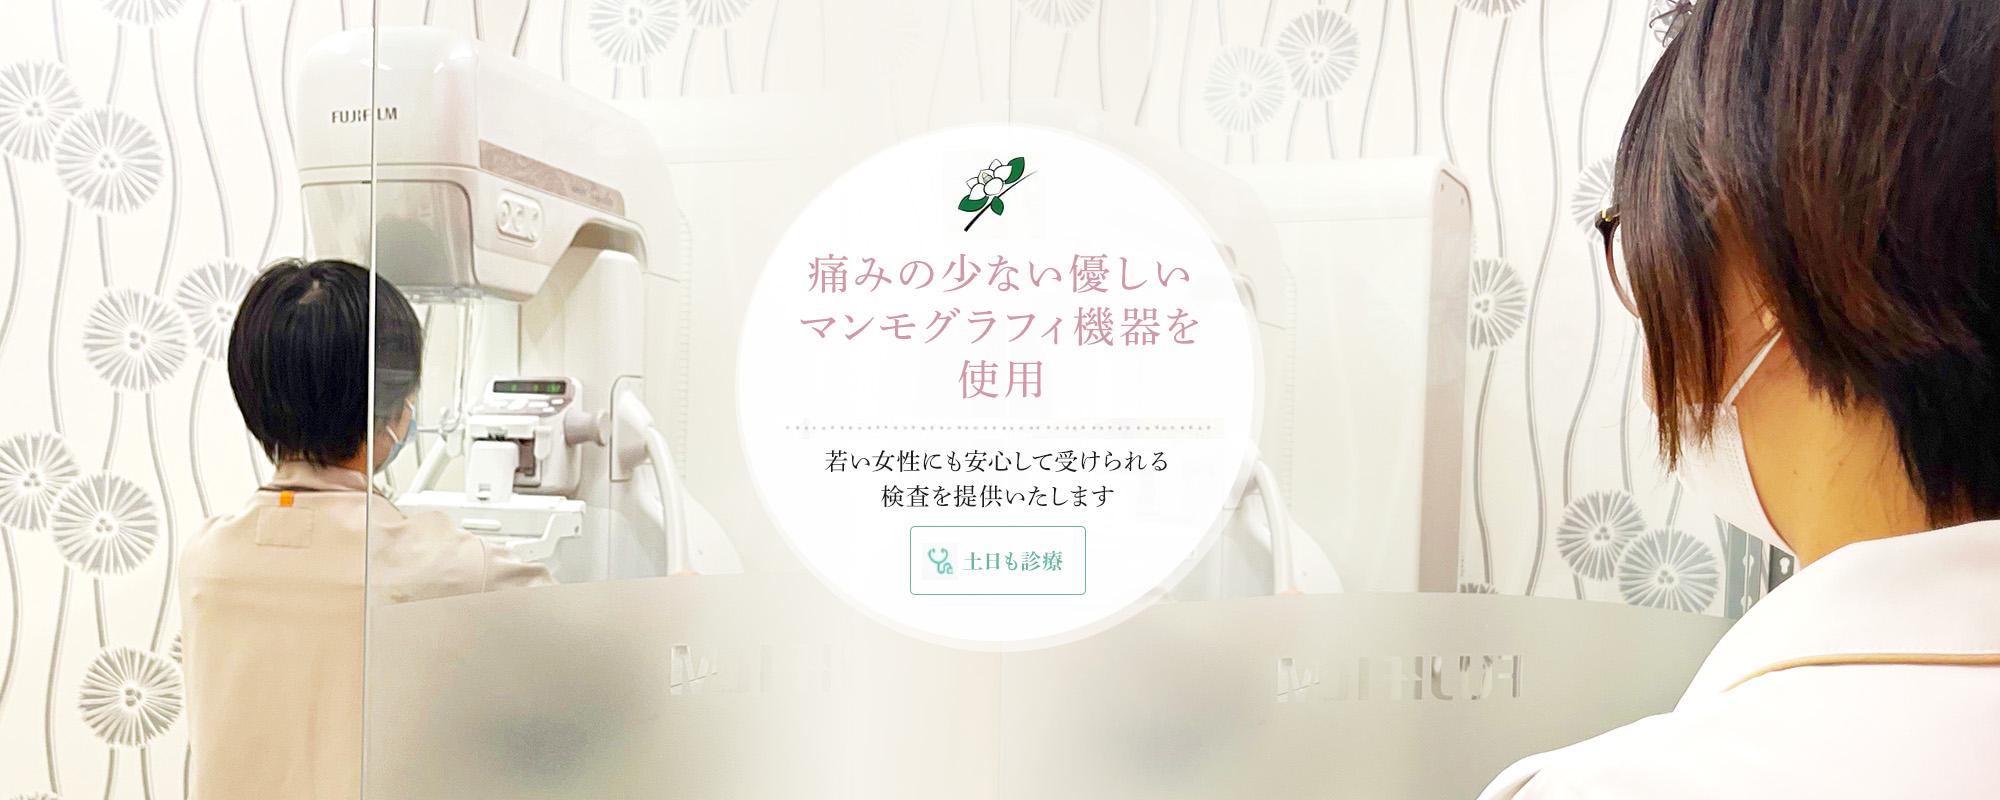 痛みの少ない優しいマンモグラフィ機器を使用 若い女性にも安心して受けられる検査を提供いたします